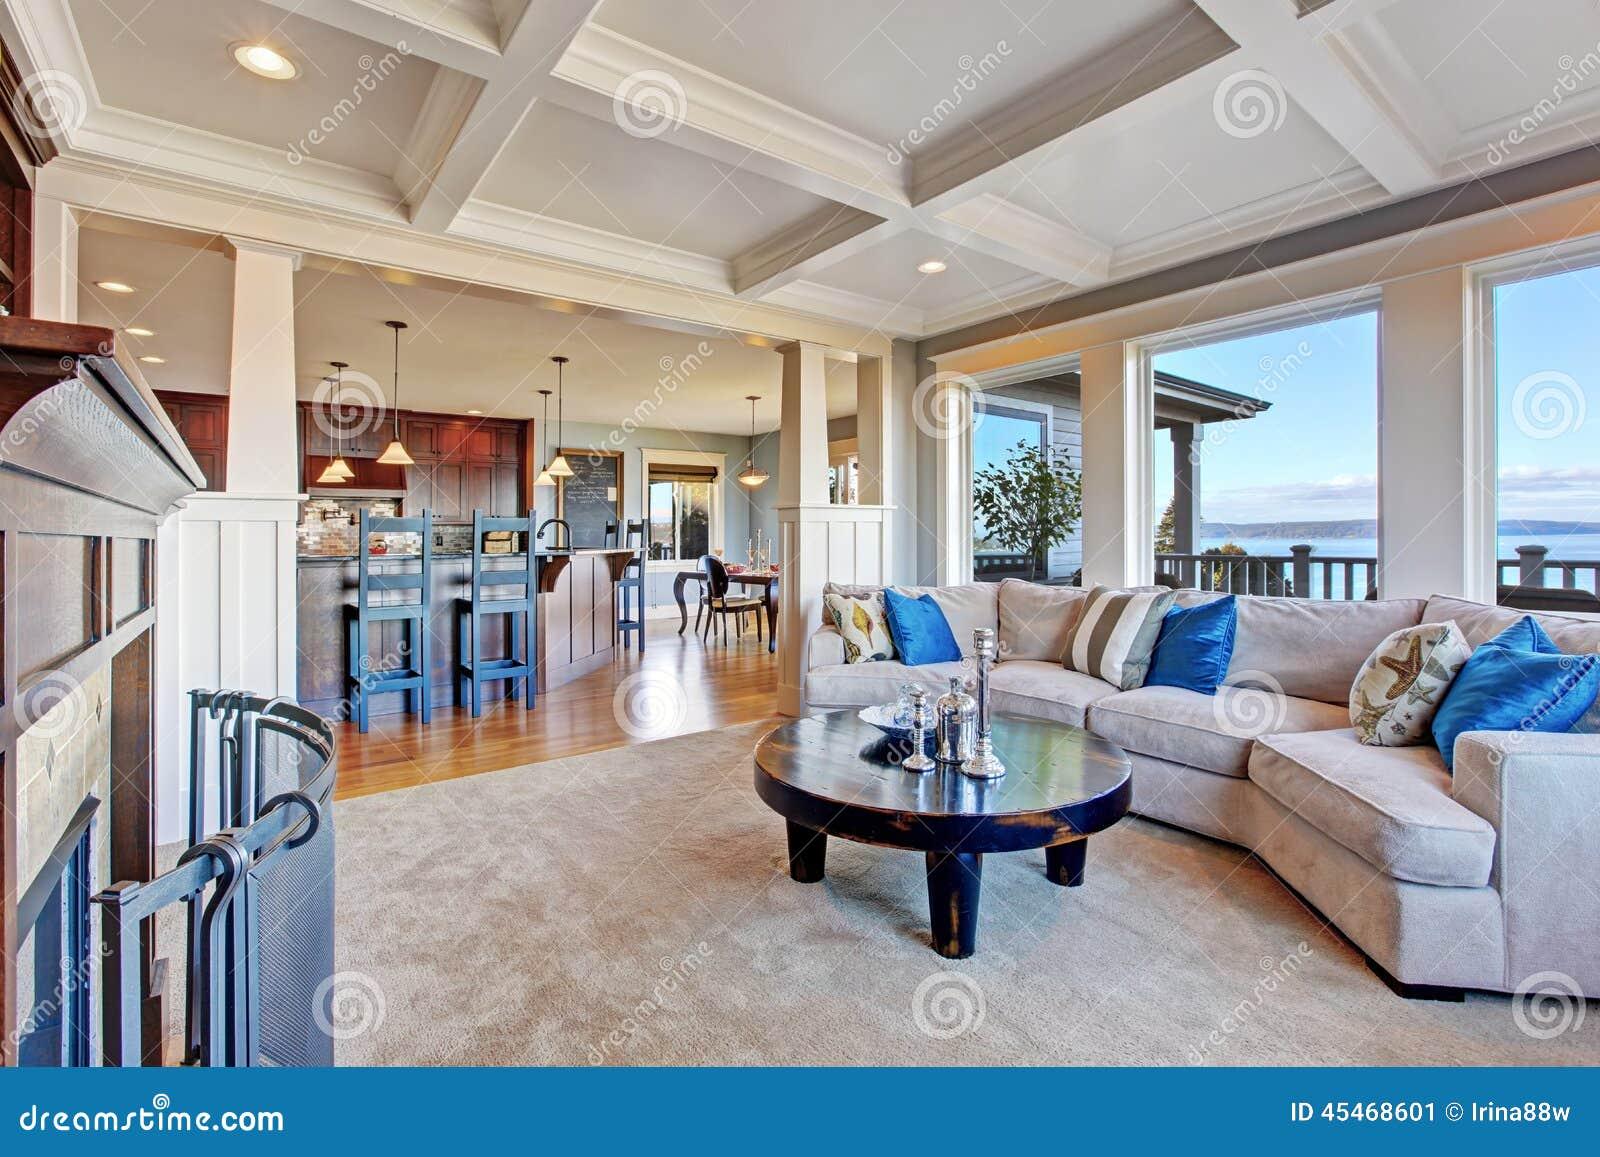 Maison de luxe avec l 39 espace ouvert plafond de coffered tapis et image stock image du - Plafond maison ...